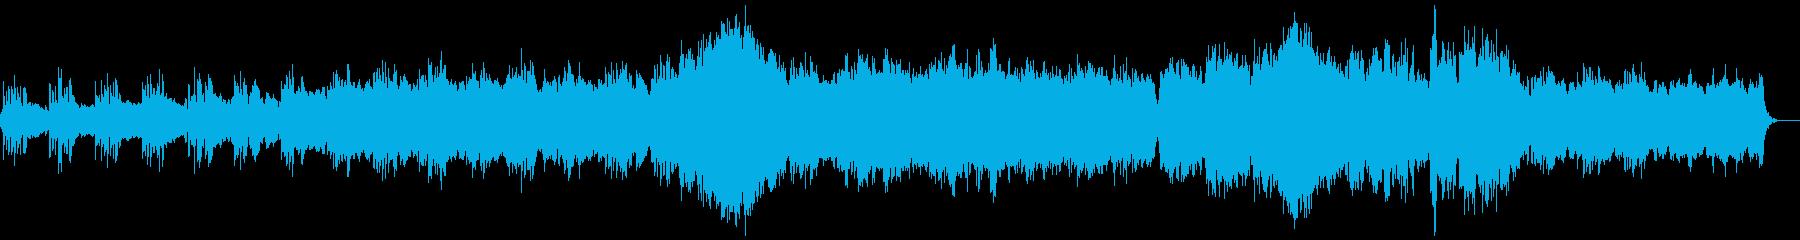 夜明けの澄んだ空気をイメージしたBGMの再生済みの波形